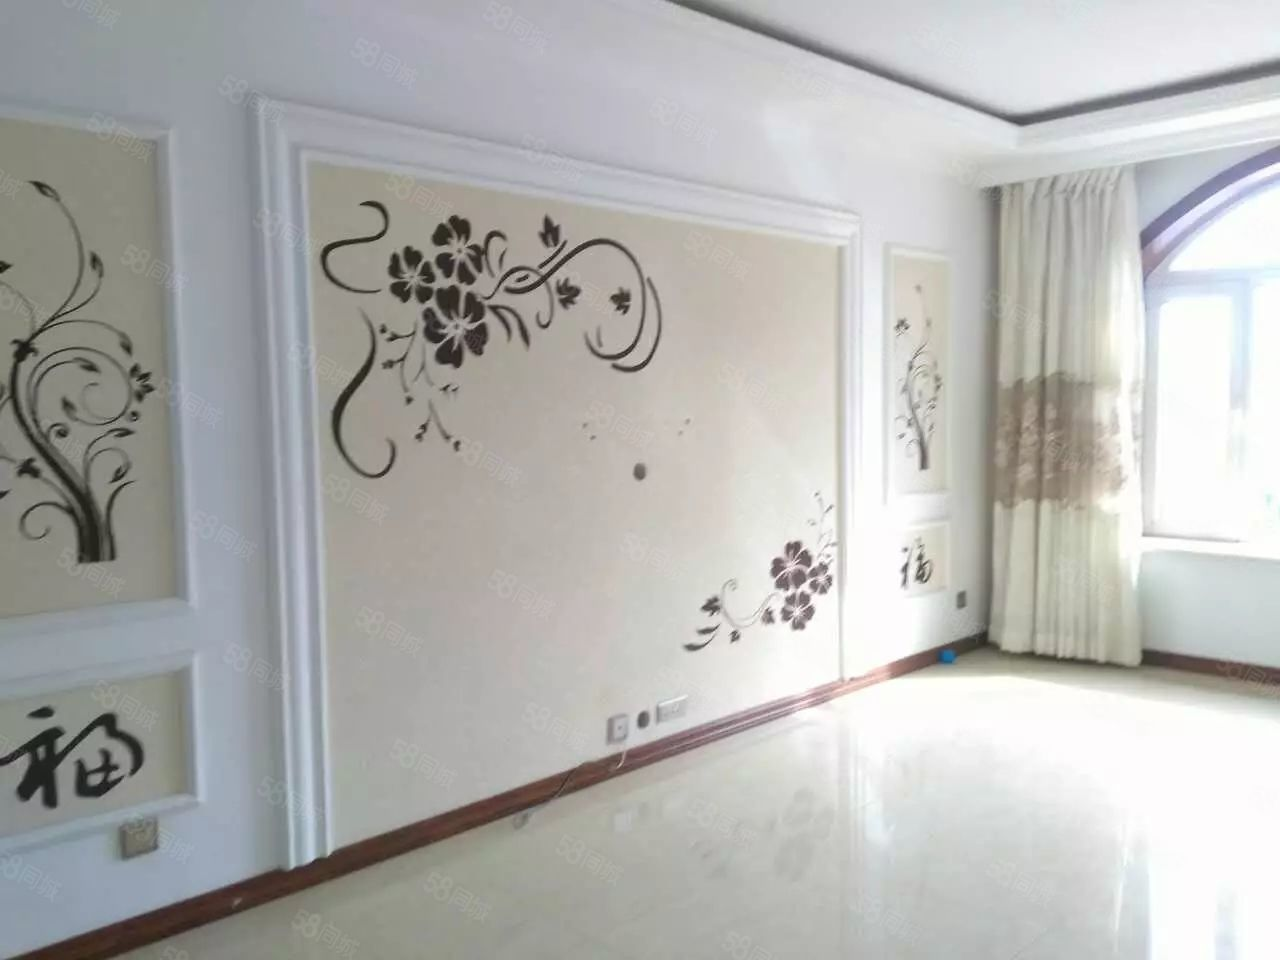 阳光广场附近,5楼,141平,3室,精装修